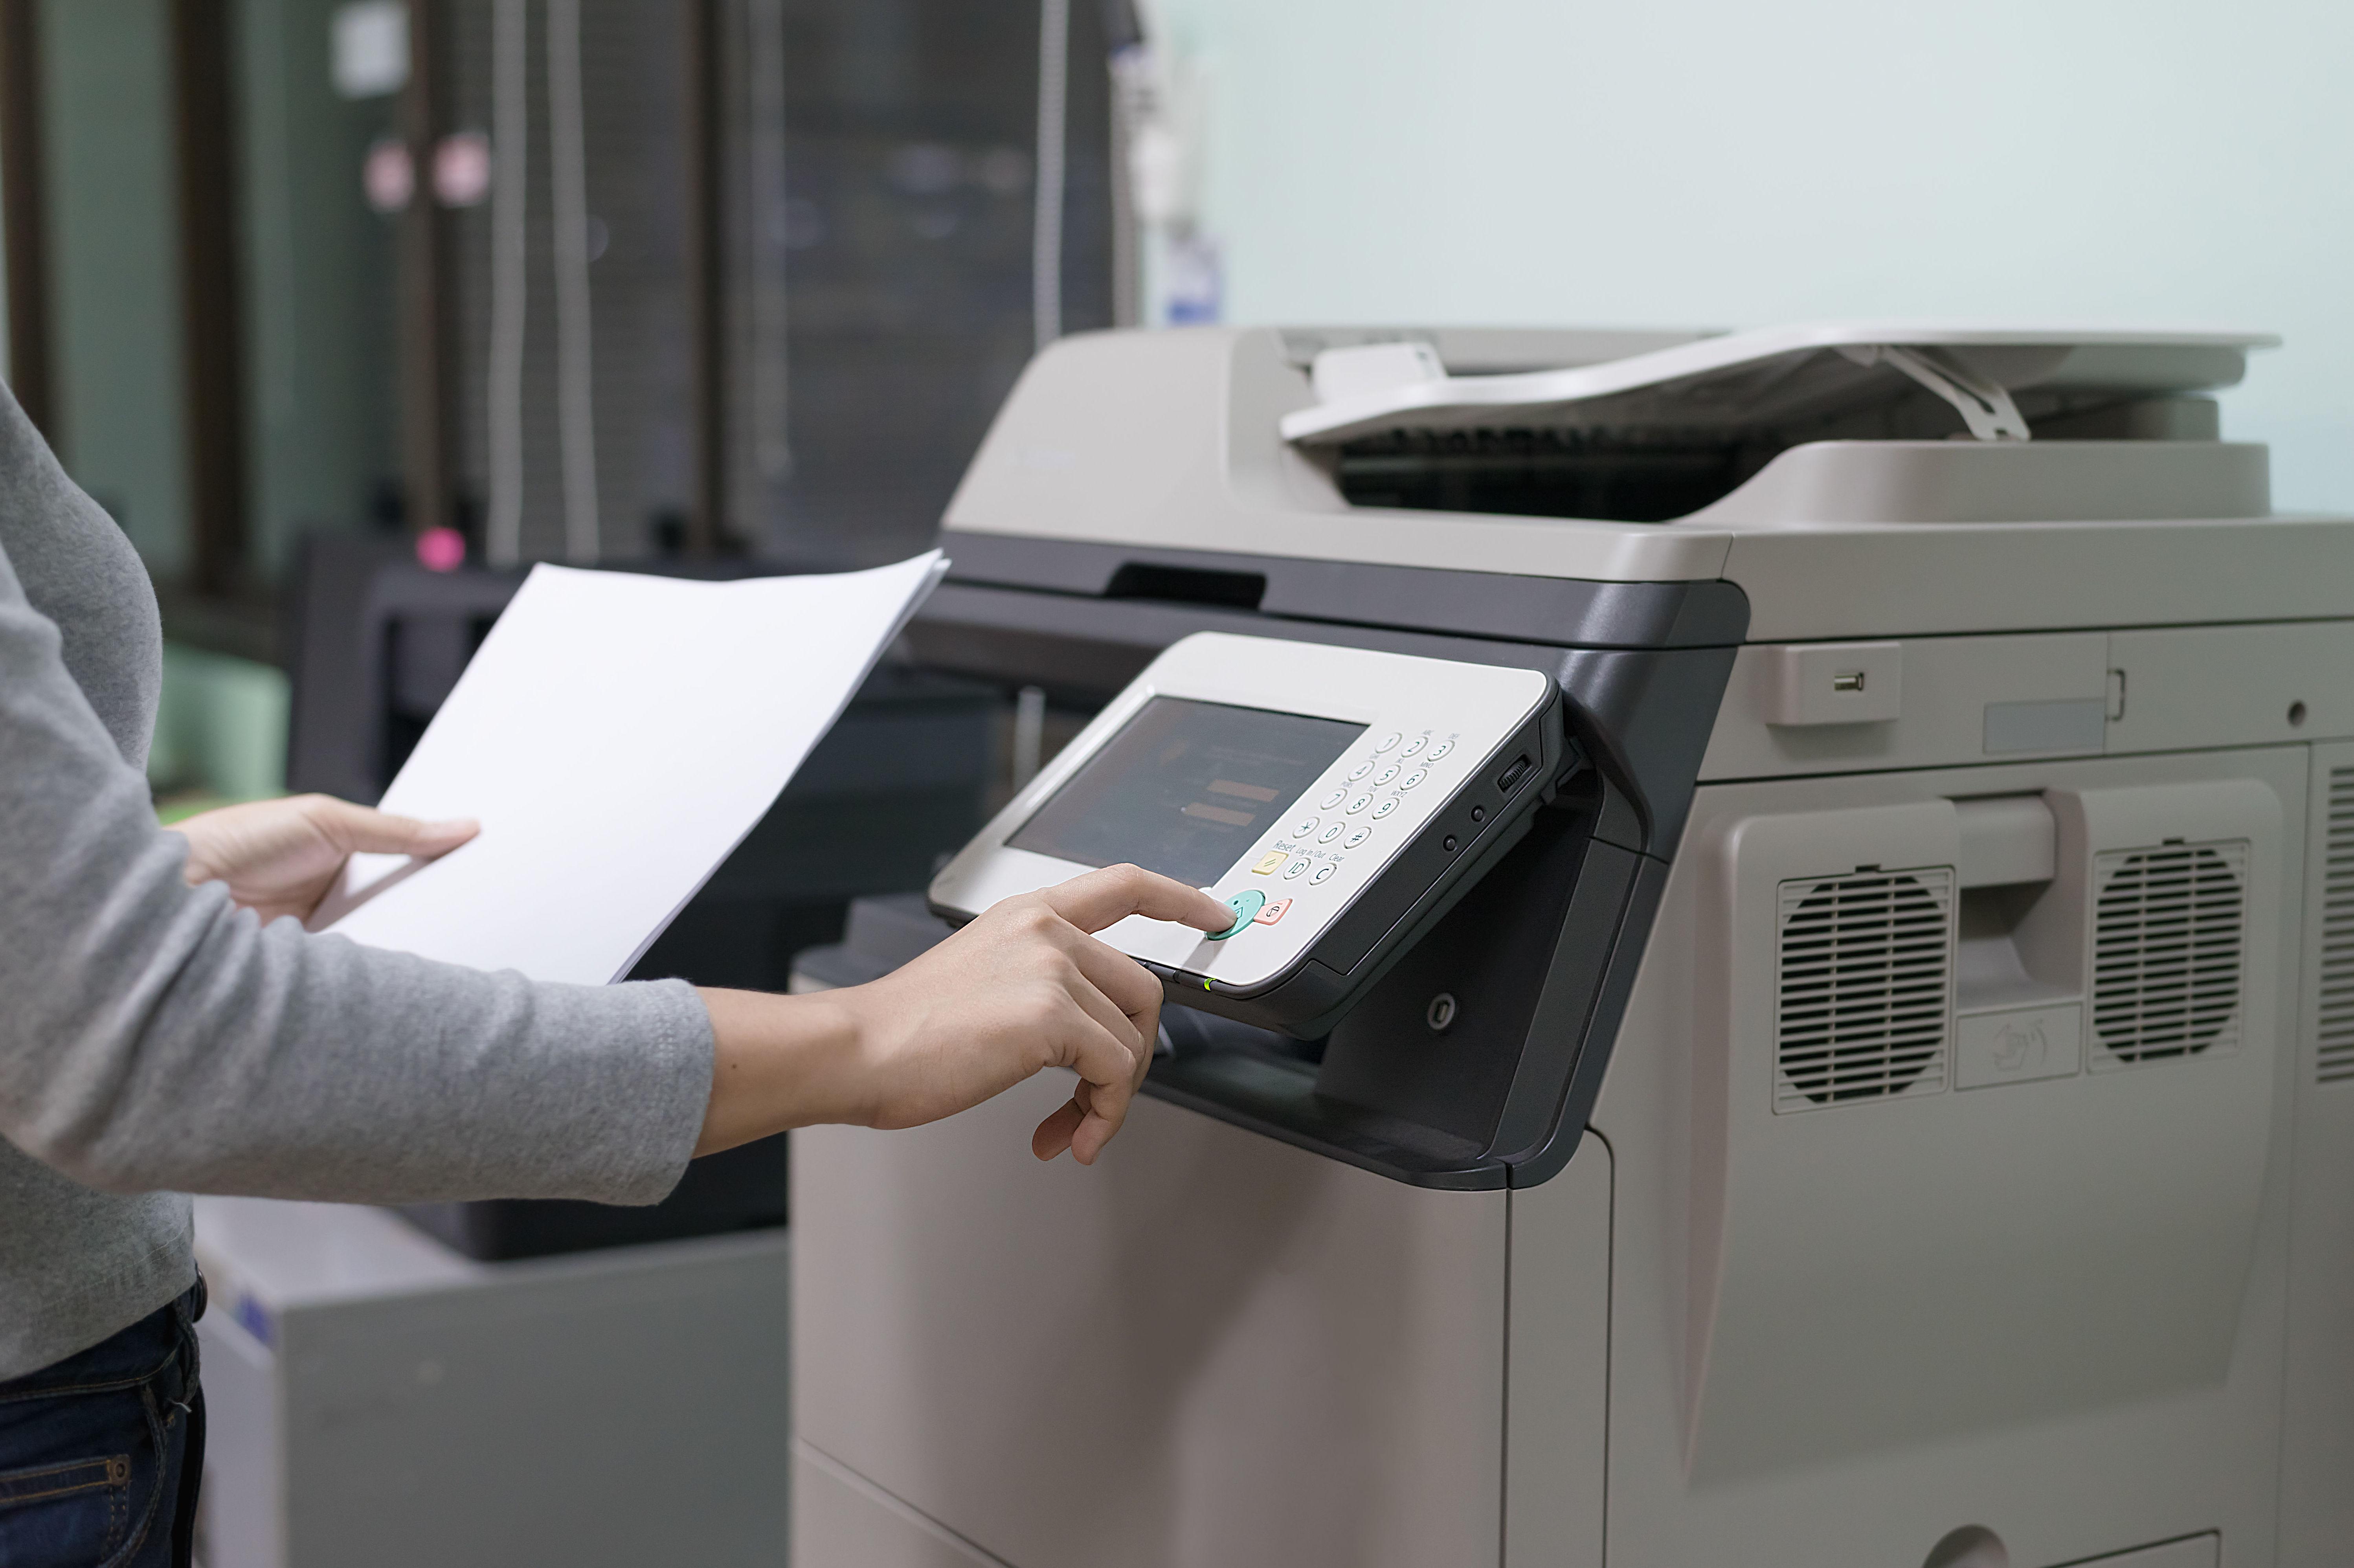 Impresiones y fotocopias